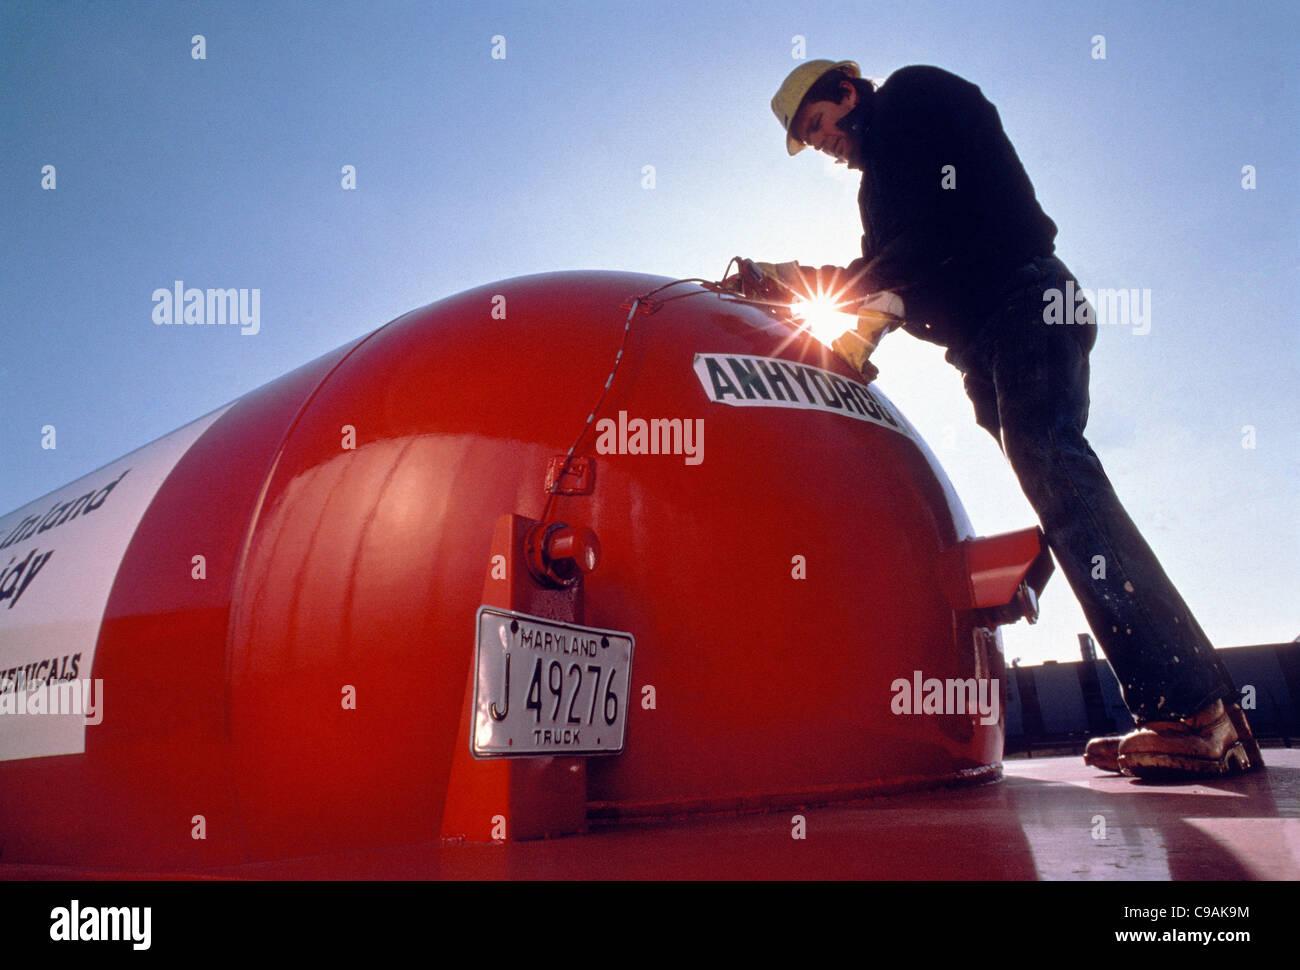 Au travailleur un distributeur de solvants, produits chimiques et lubrifiants Photo Stock